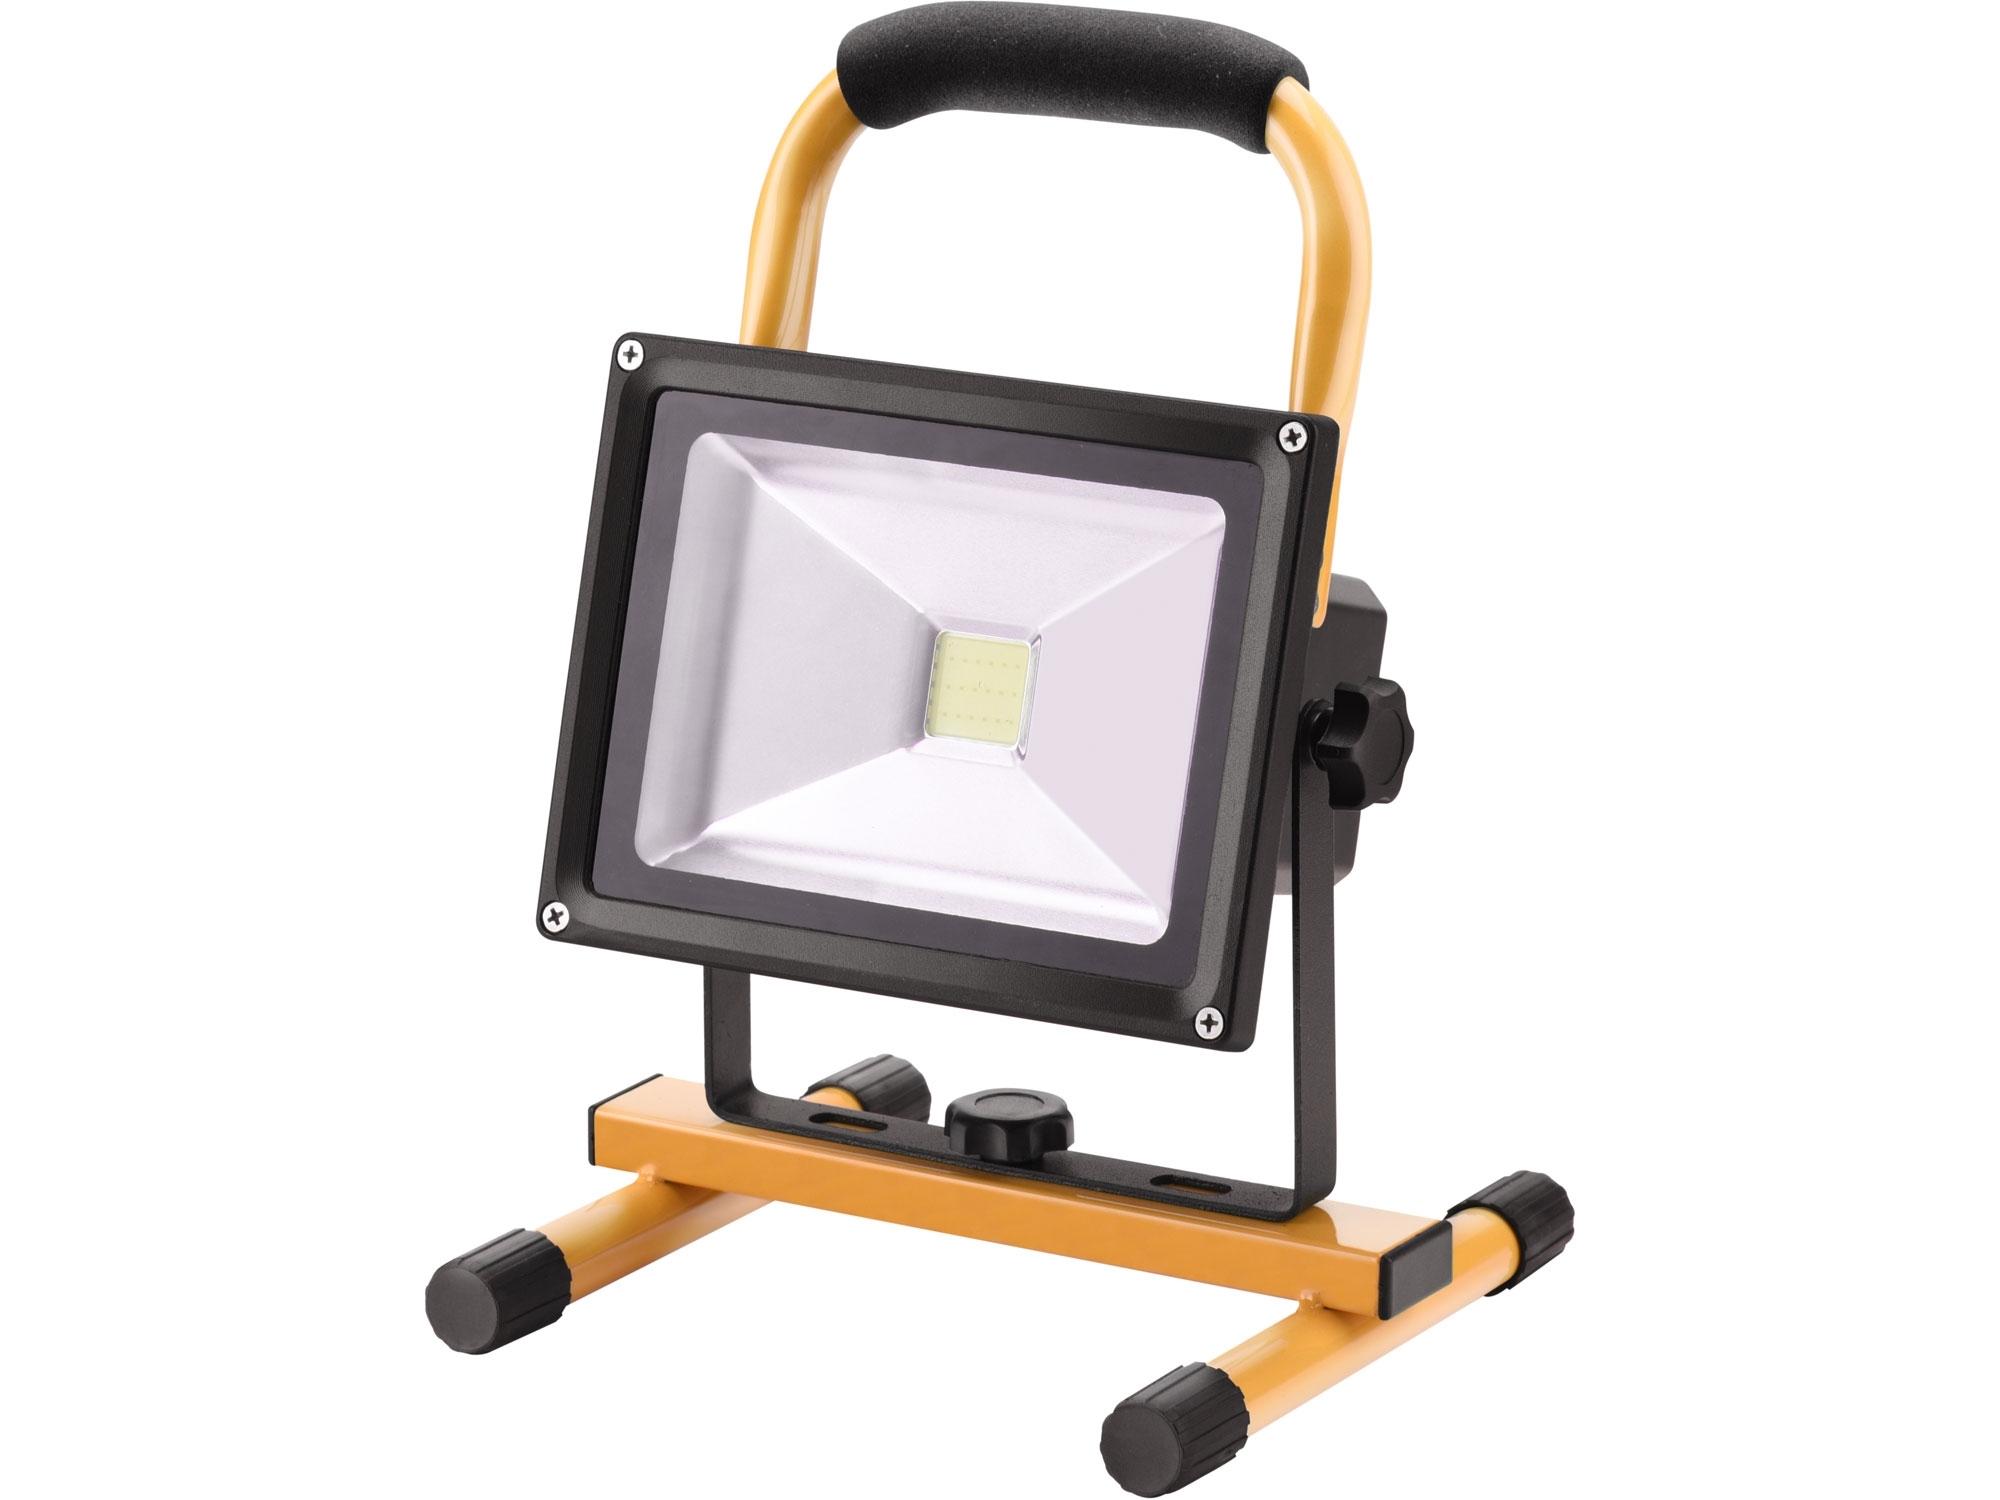 reflektor LED, nabíjecí s podstavcem, 700/1400lm, Li-ion, EXTOL LIGHT 43125